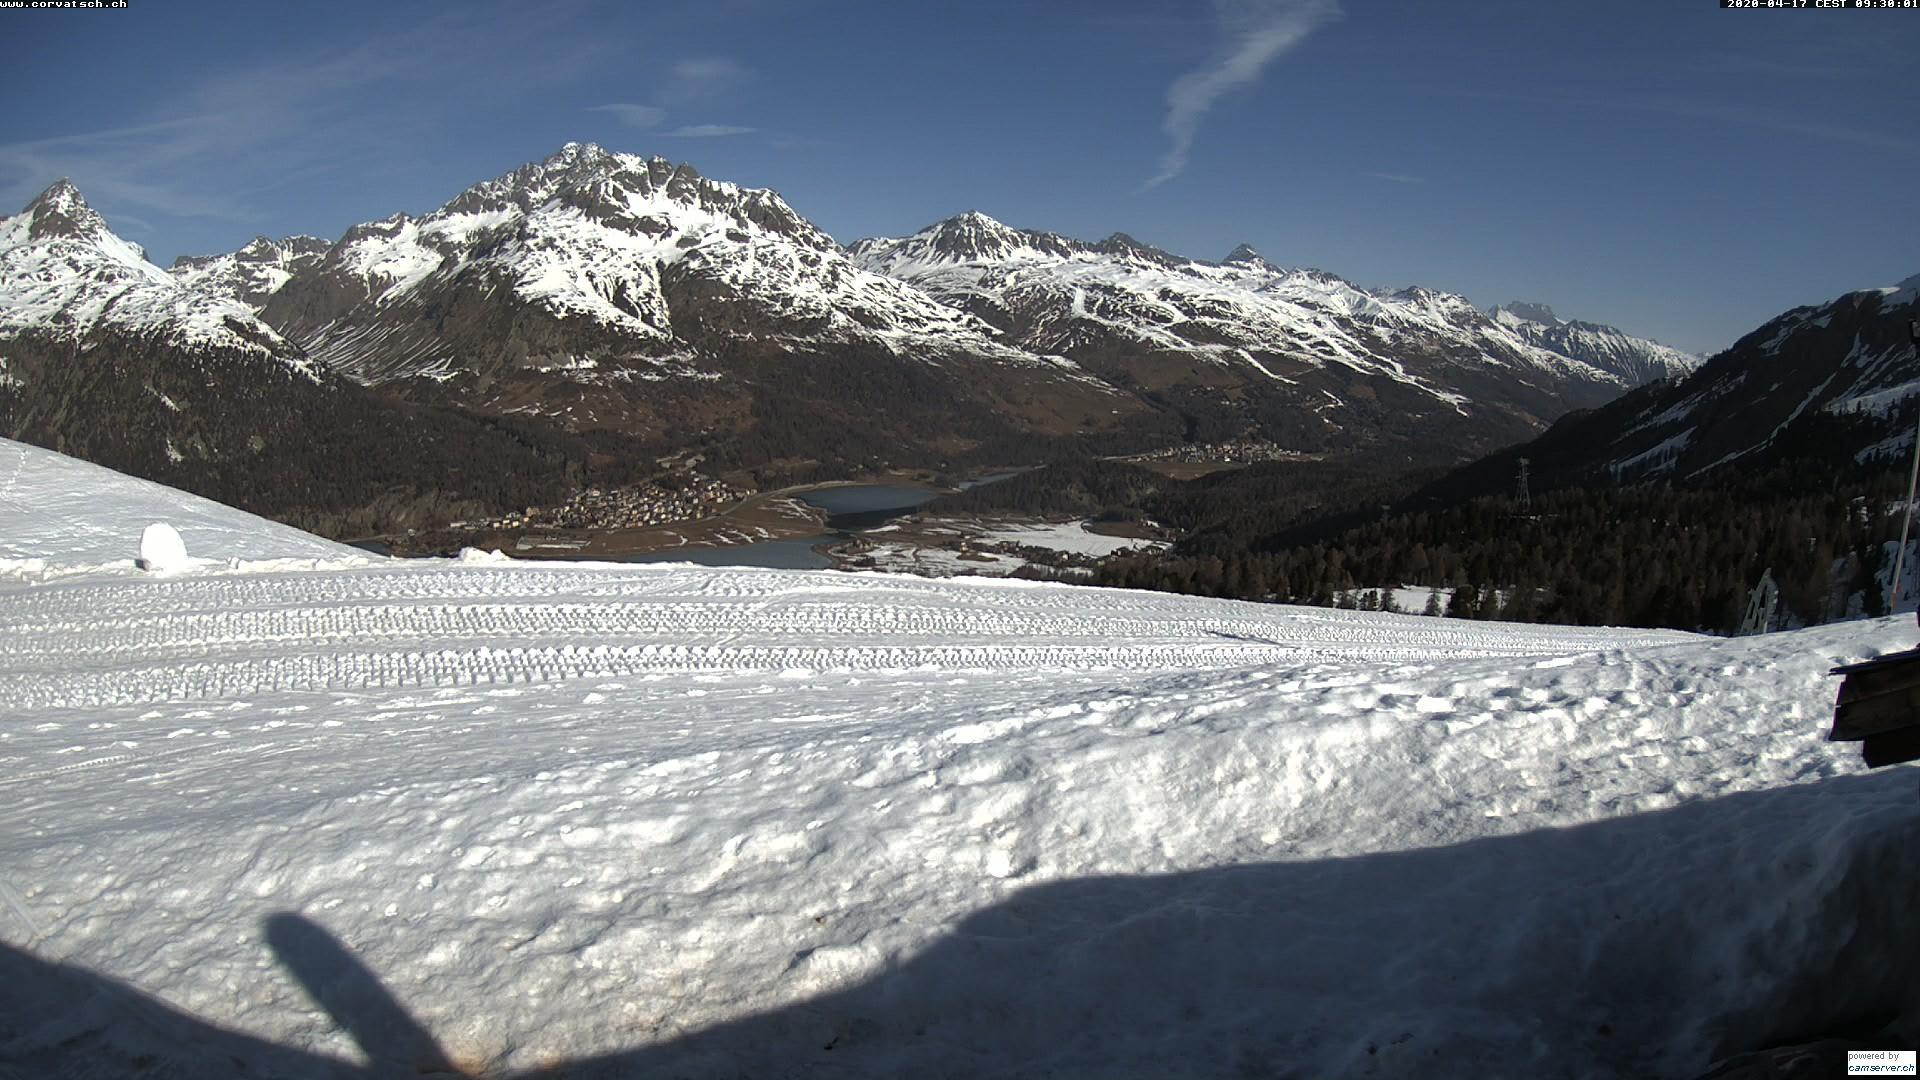 Webcam en Alpetta Hütte, St. Moritz (Suiza)